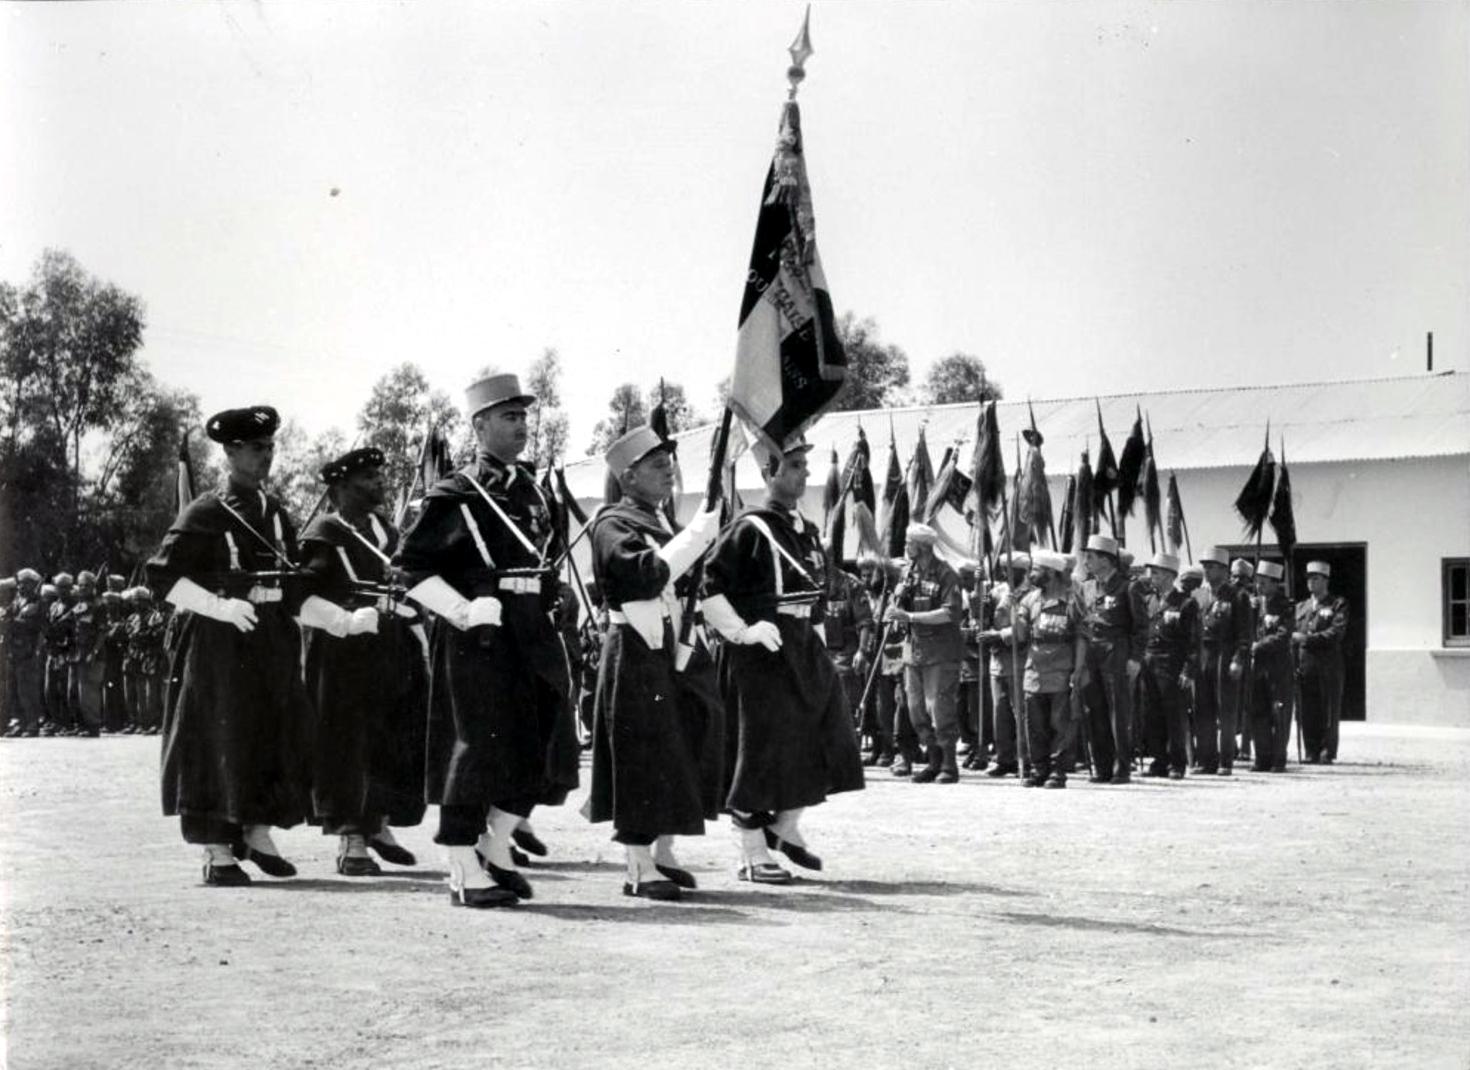 12 mai 1956 - Dissolution des Goumiers & integration aux FAR 48741130832_89388e73ca_o